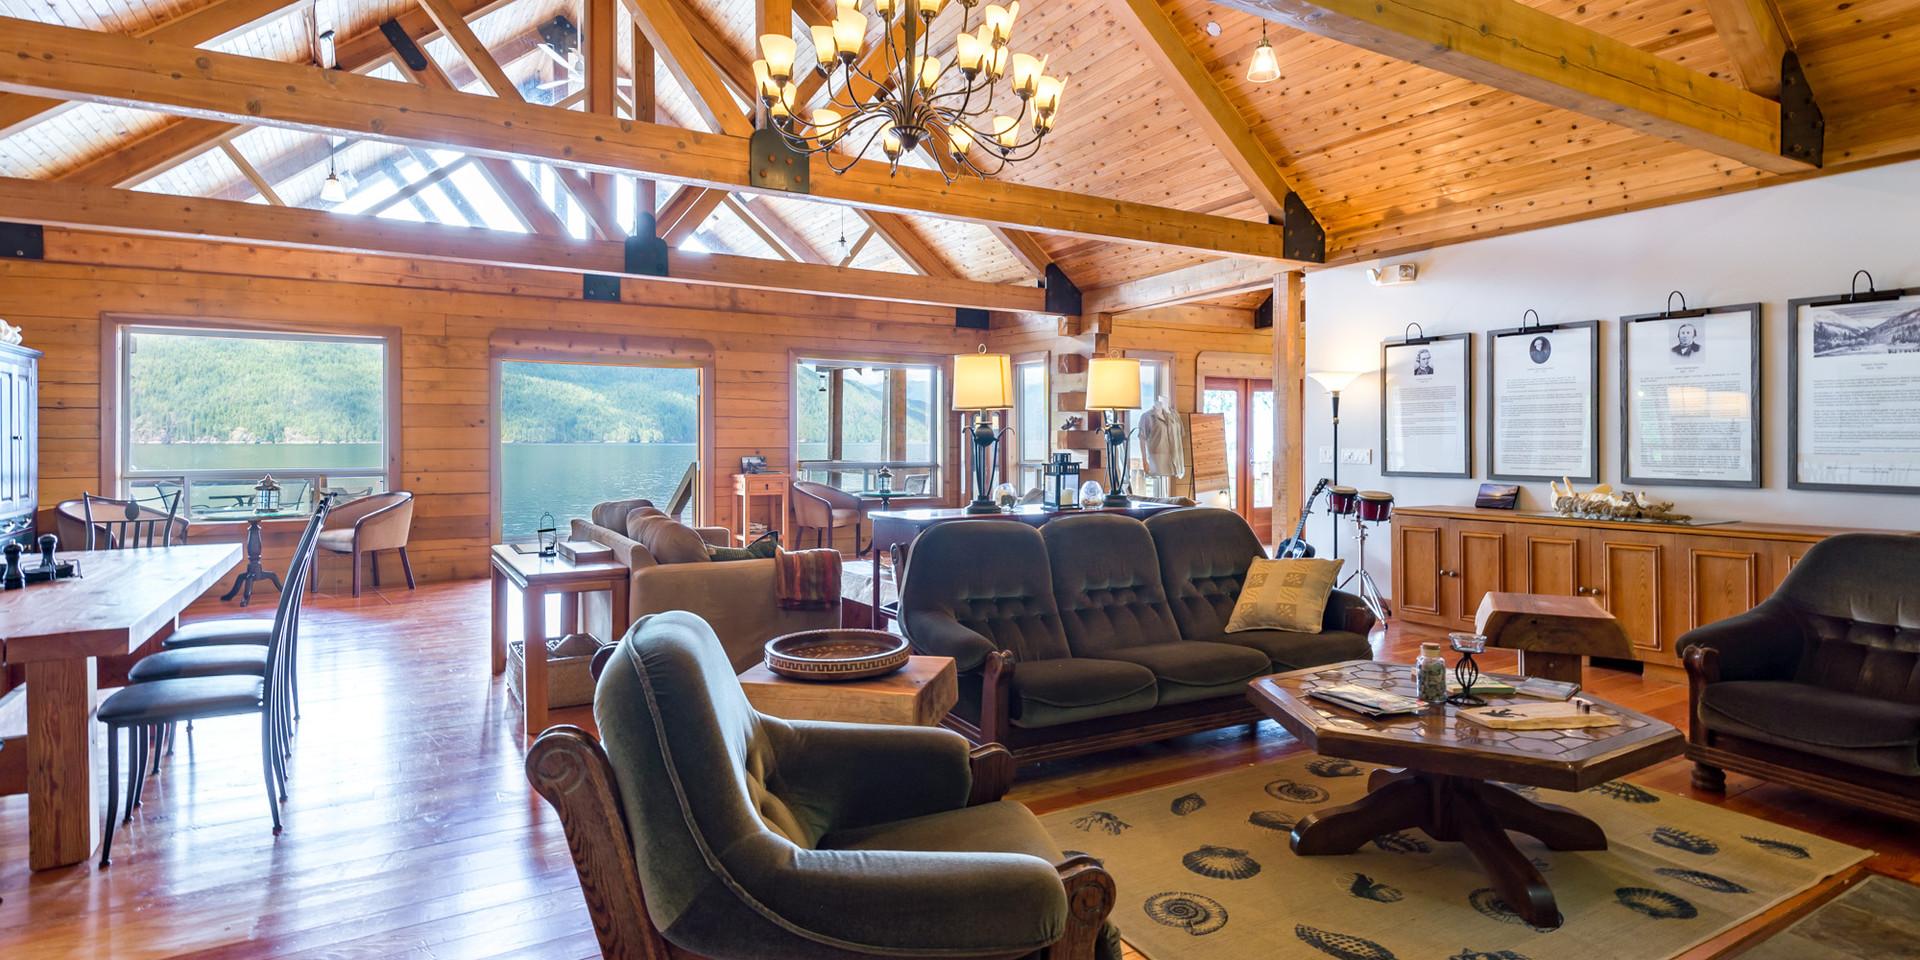 Klahoose Wilderness Resort - Main Great